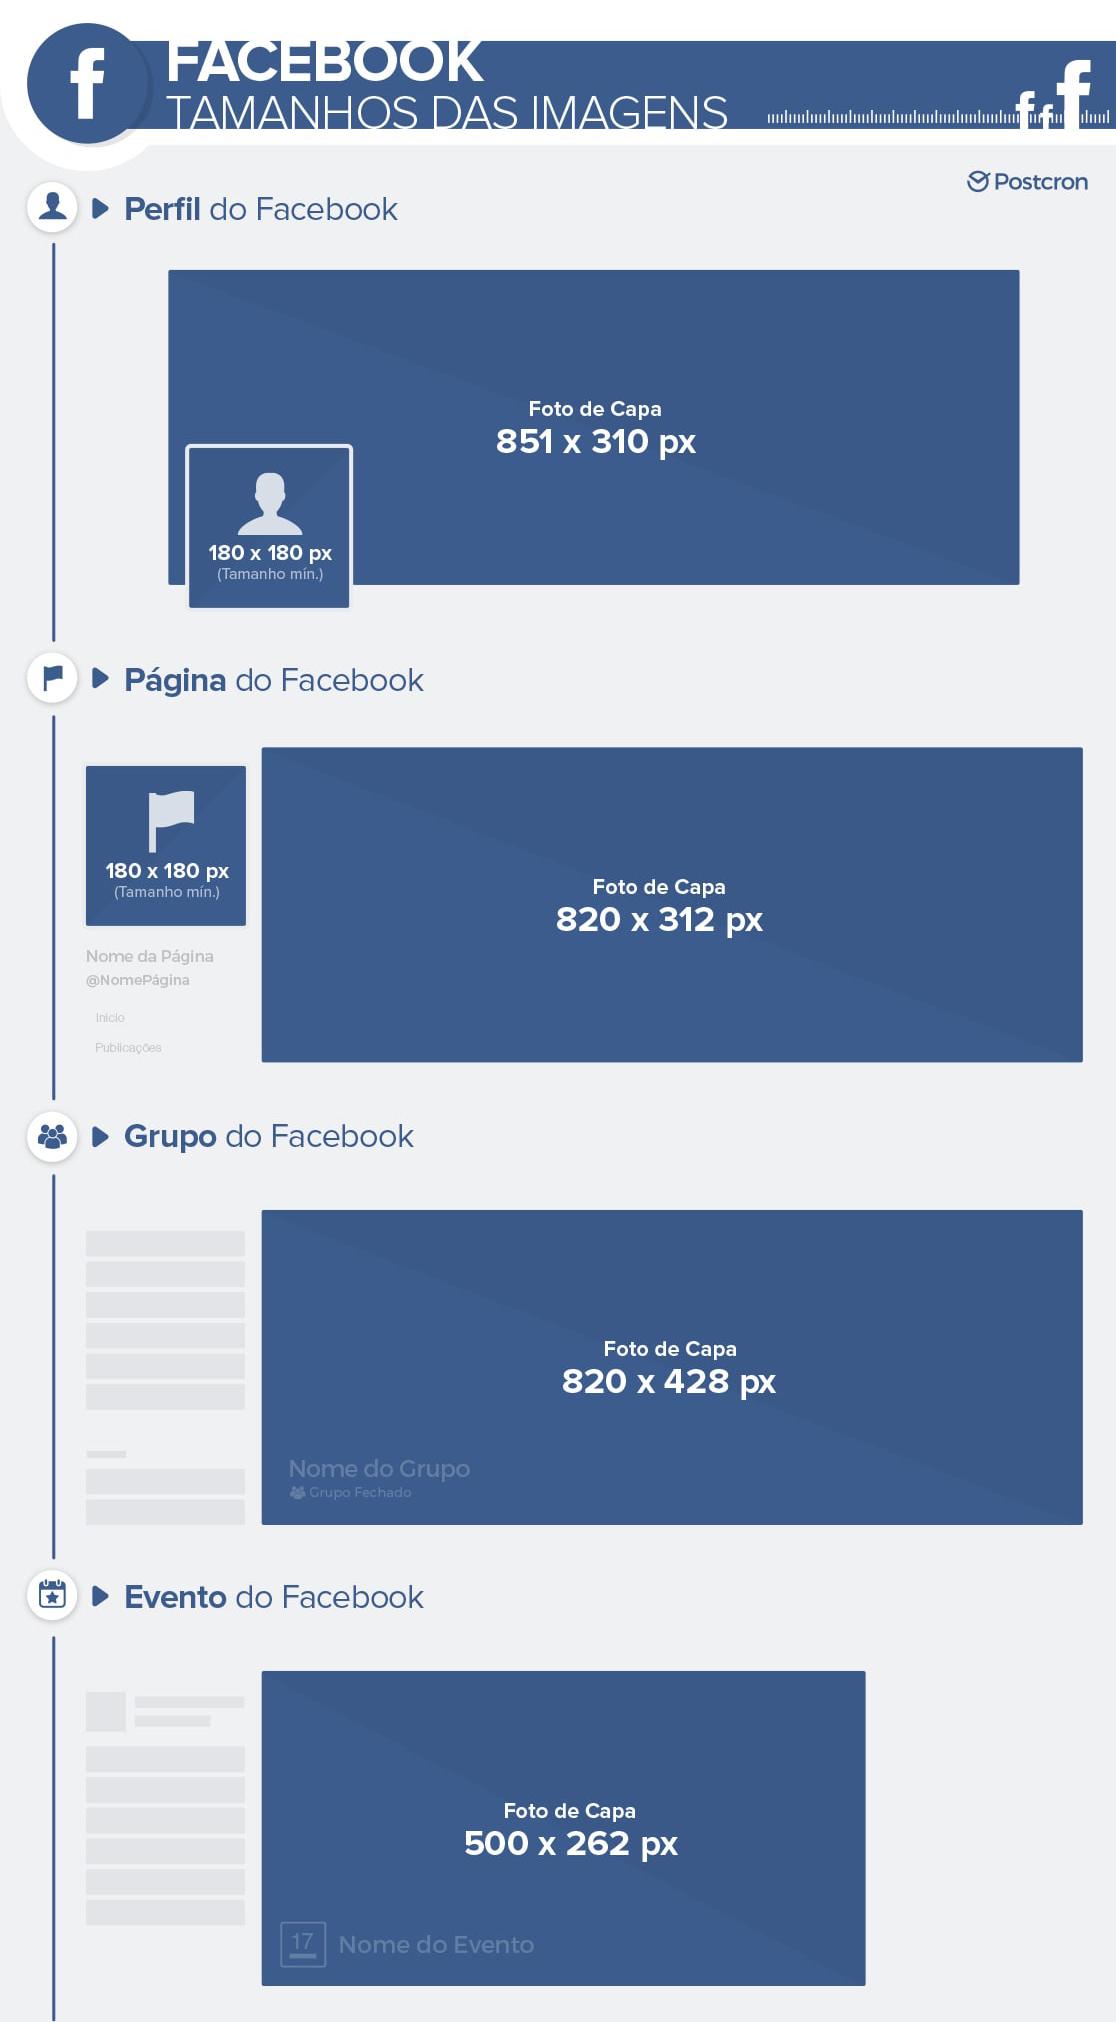 Medidas-e-Dimensões-para-Imagens-no-Facebook-2018